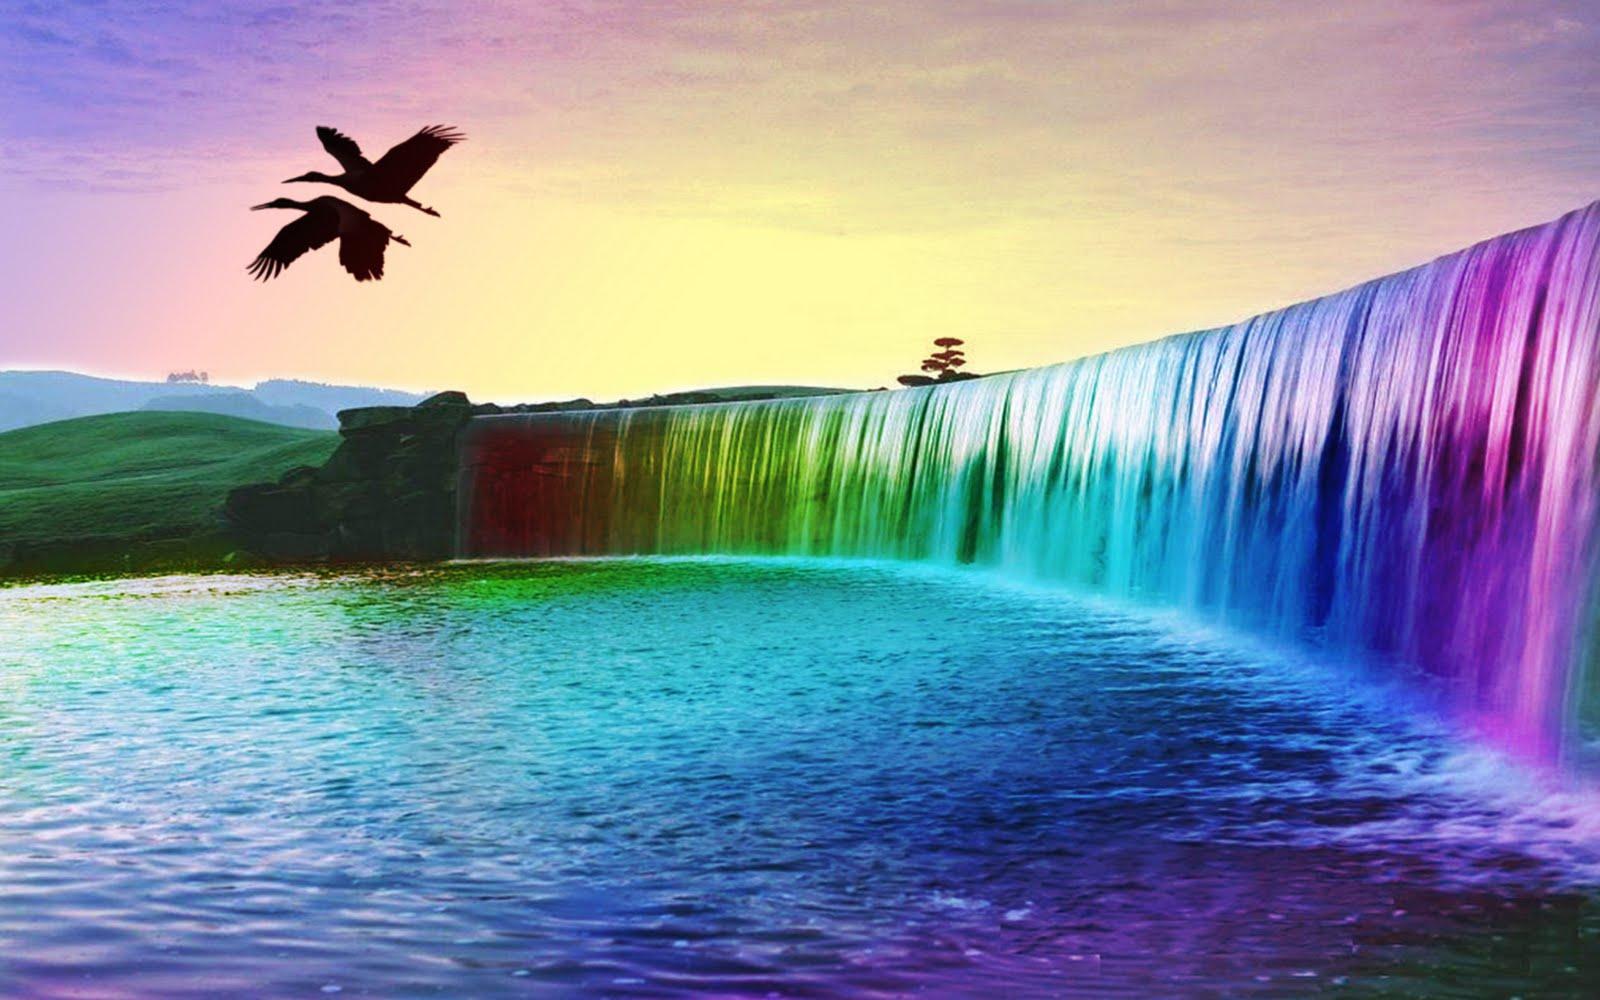 wallpaper 3D Waterfall Wallpaper hd wallpaper background desktop 1600x1000